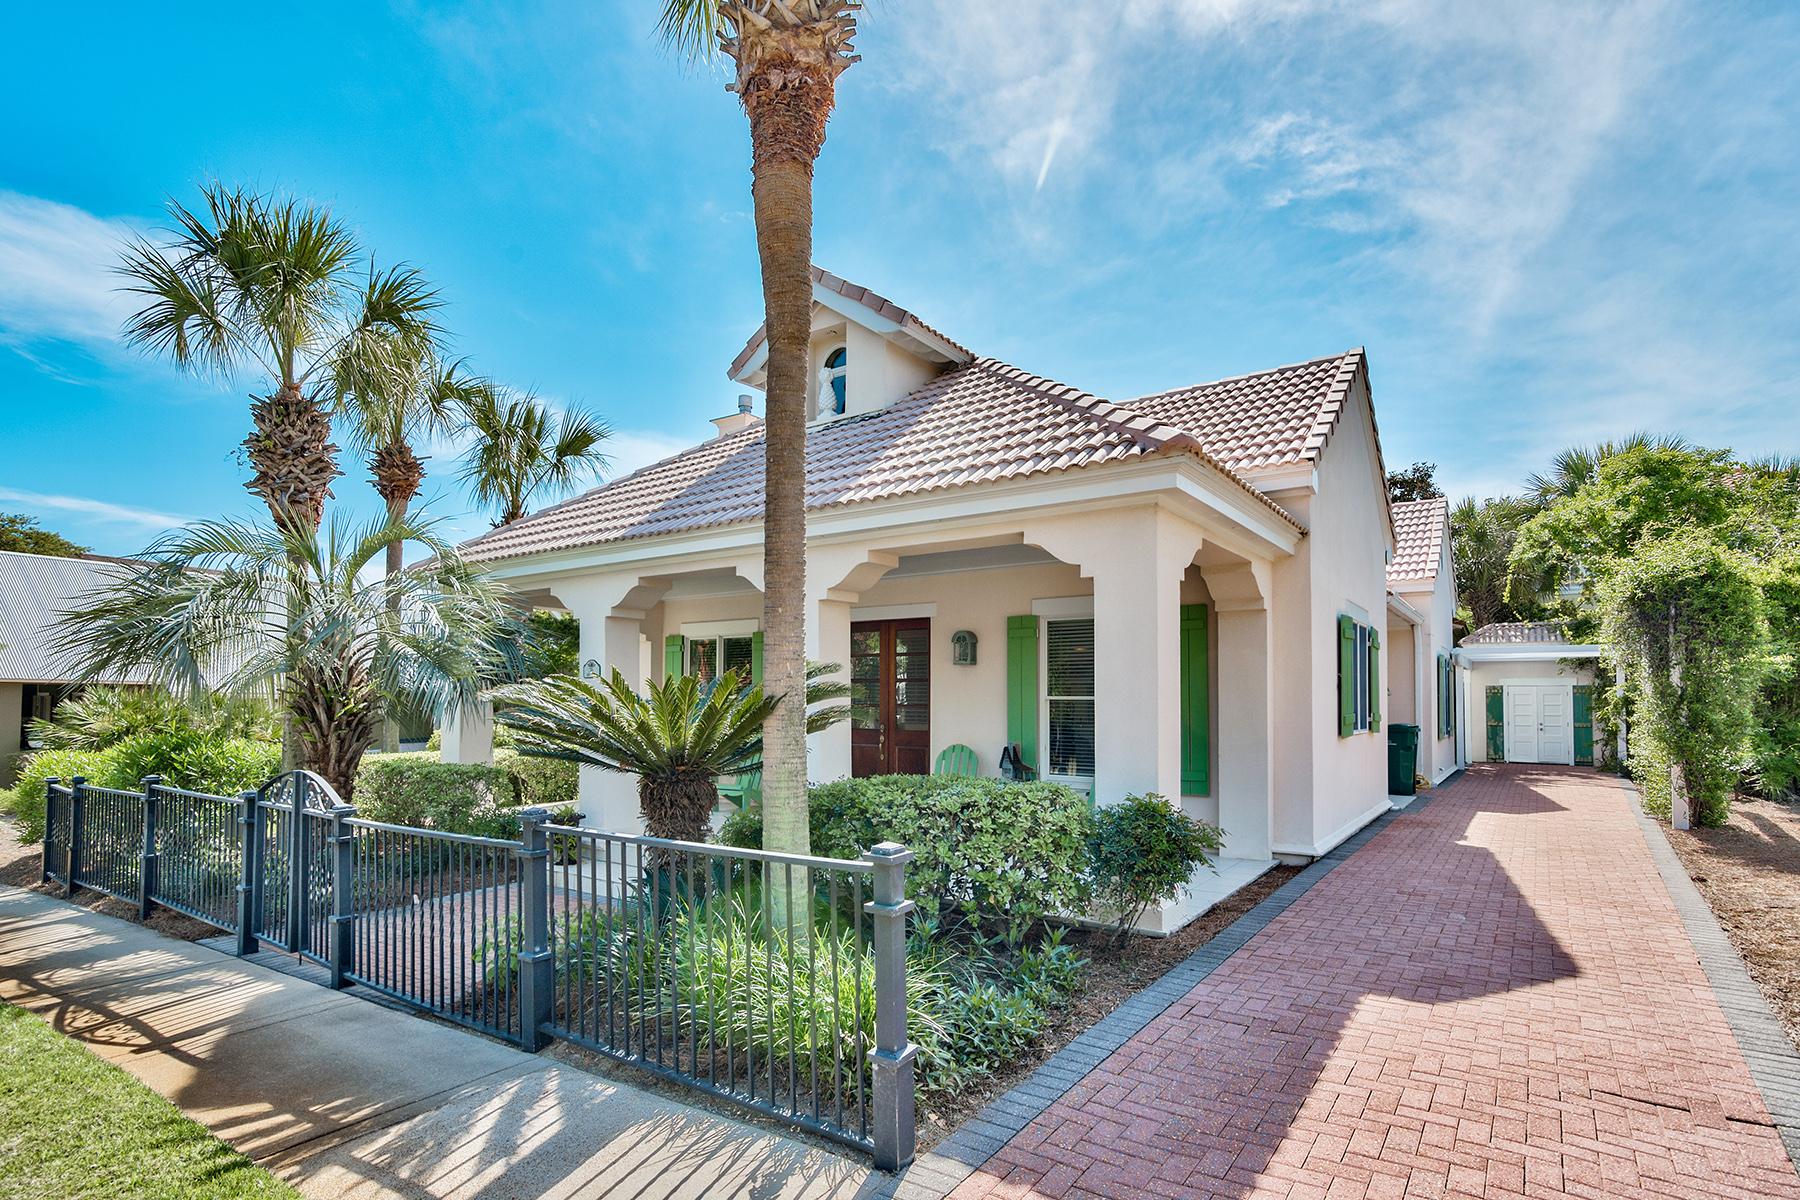 Maison unifamiliale pour l Vente à CARIBBEAN STYLE COTTAGE JUST A STROLL FROM THE BEACH 76 Rue Caribe Miramar Beach, Florida, 32550 États-Unis